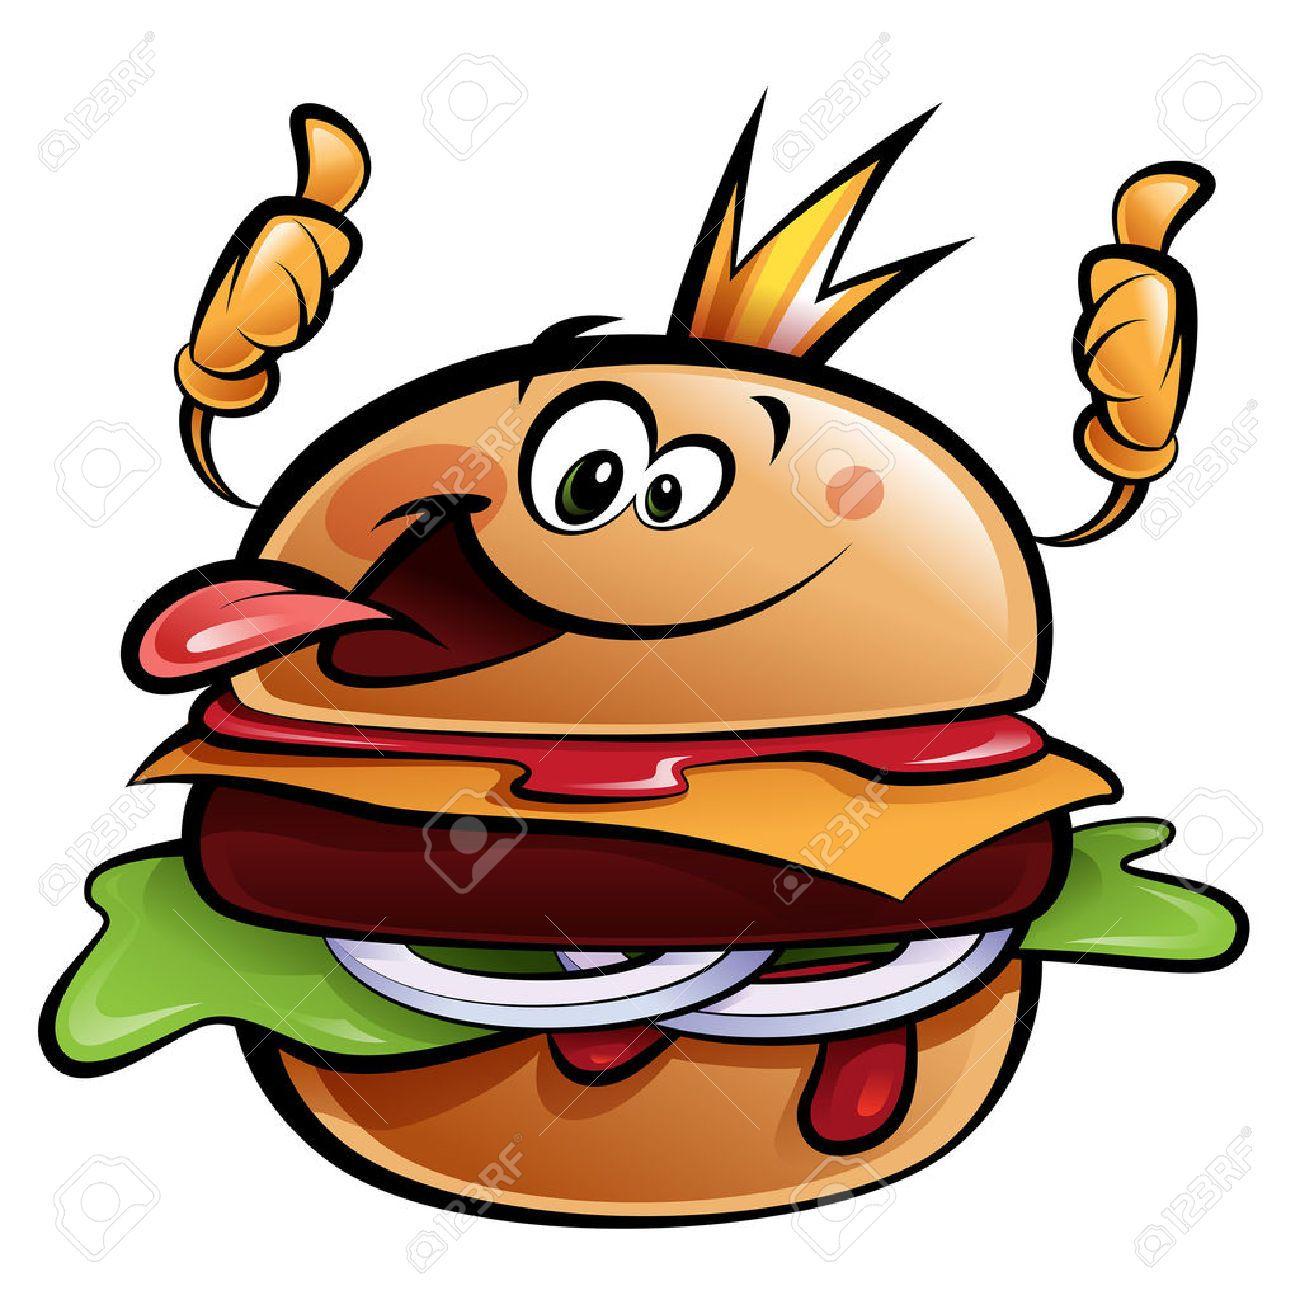 burger clipart smiley face